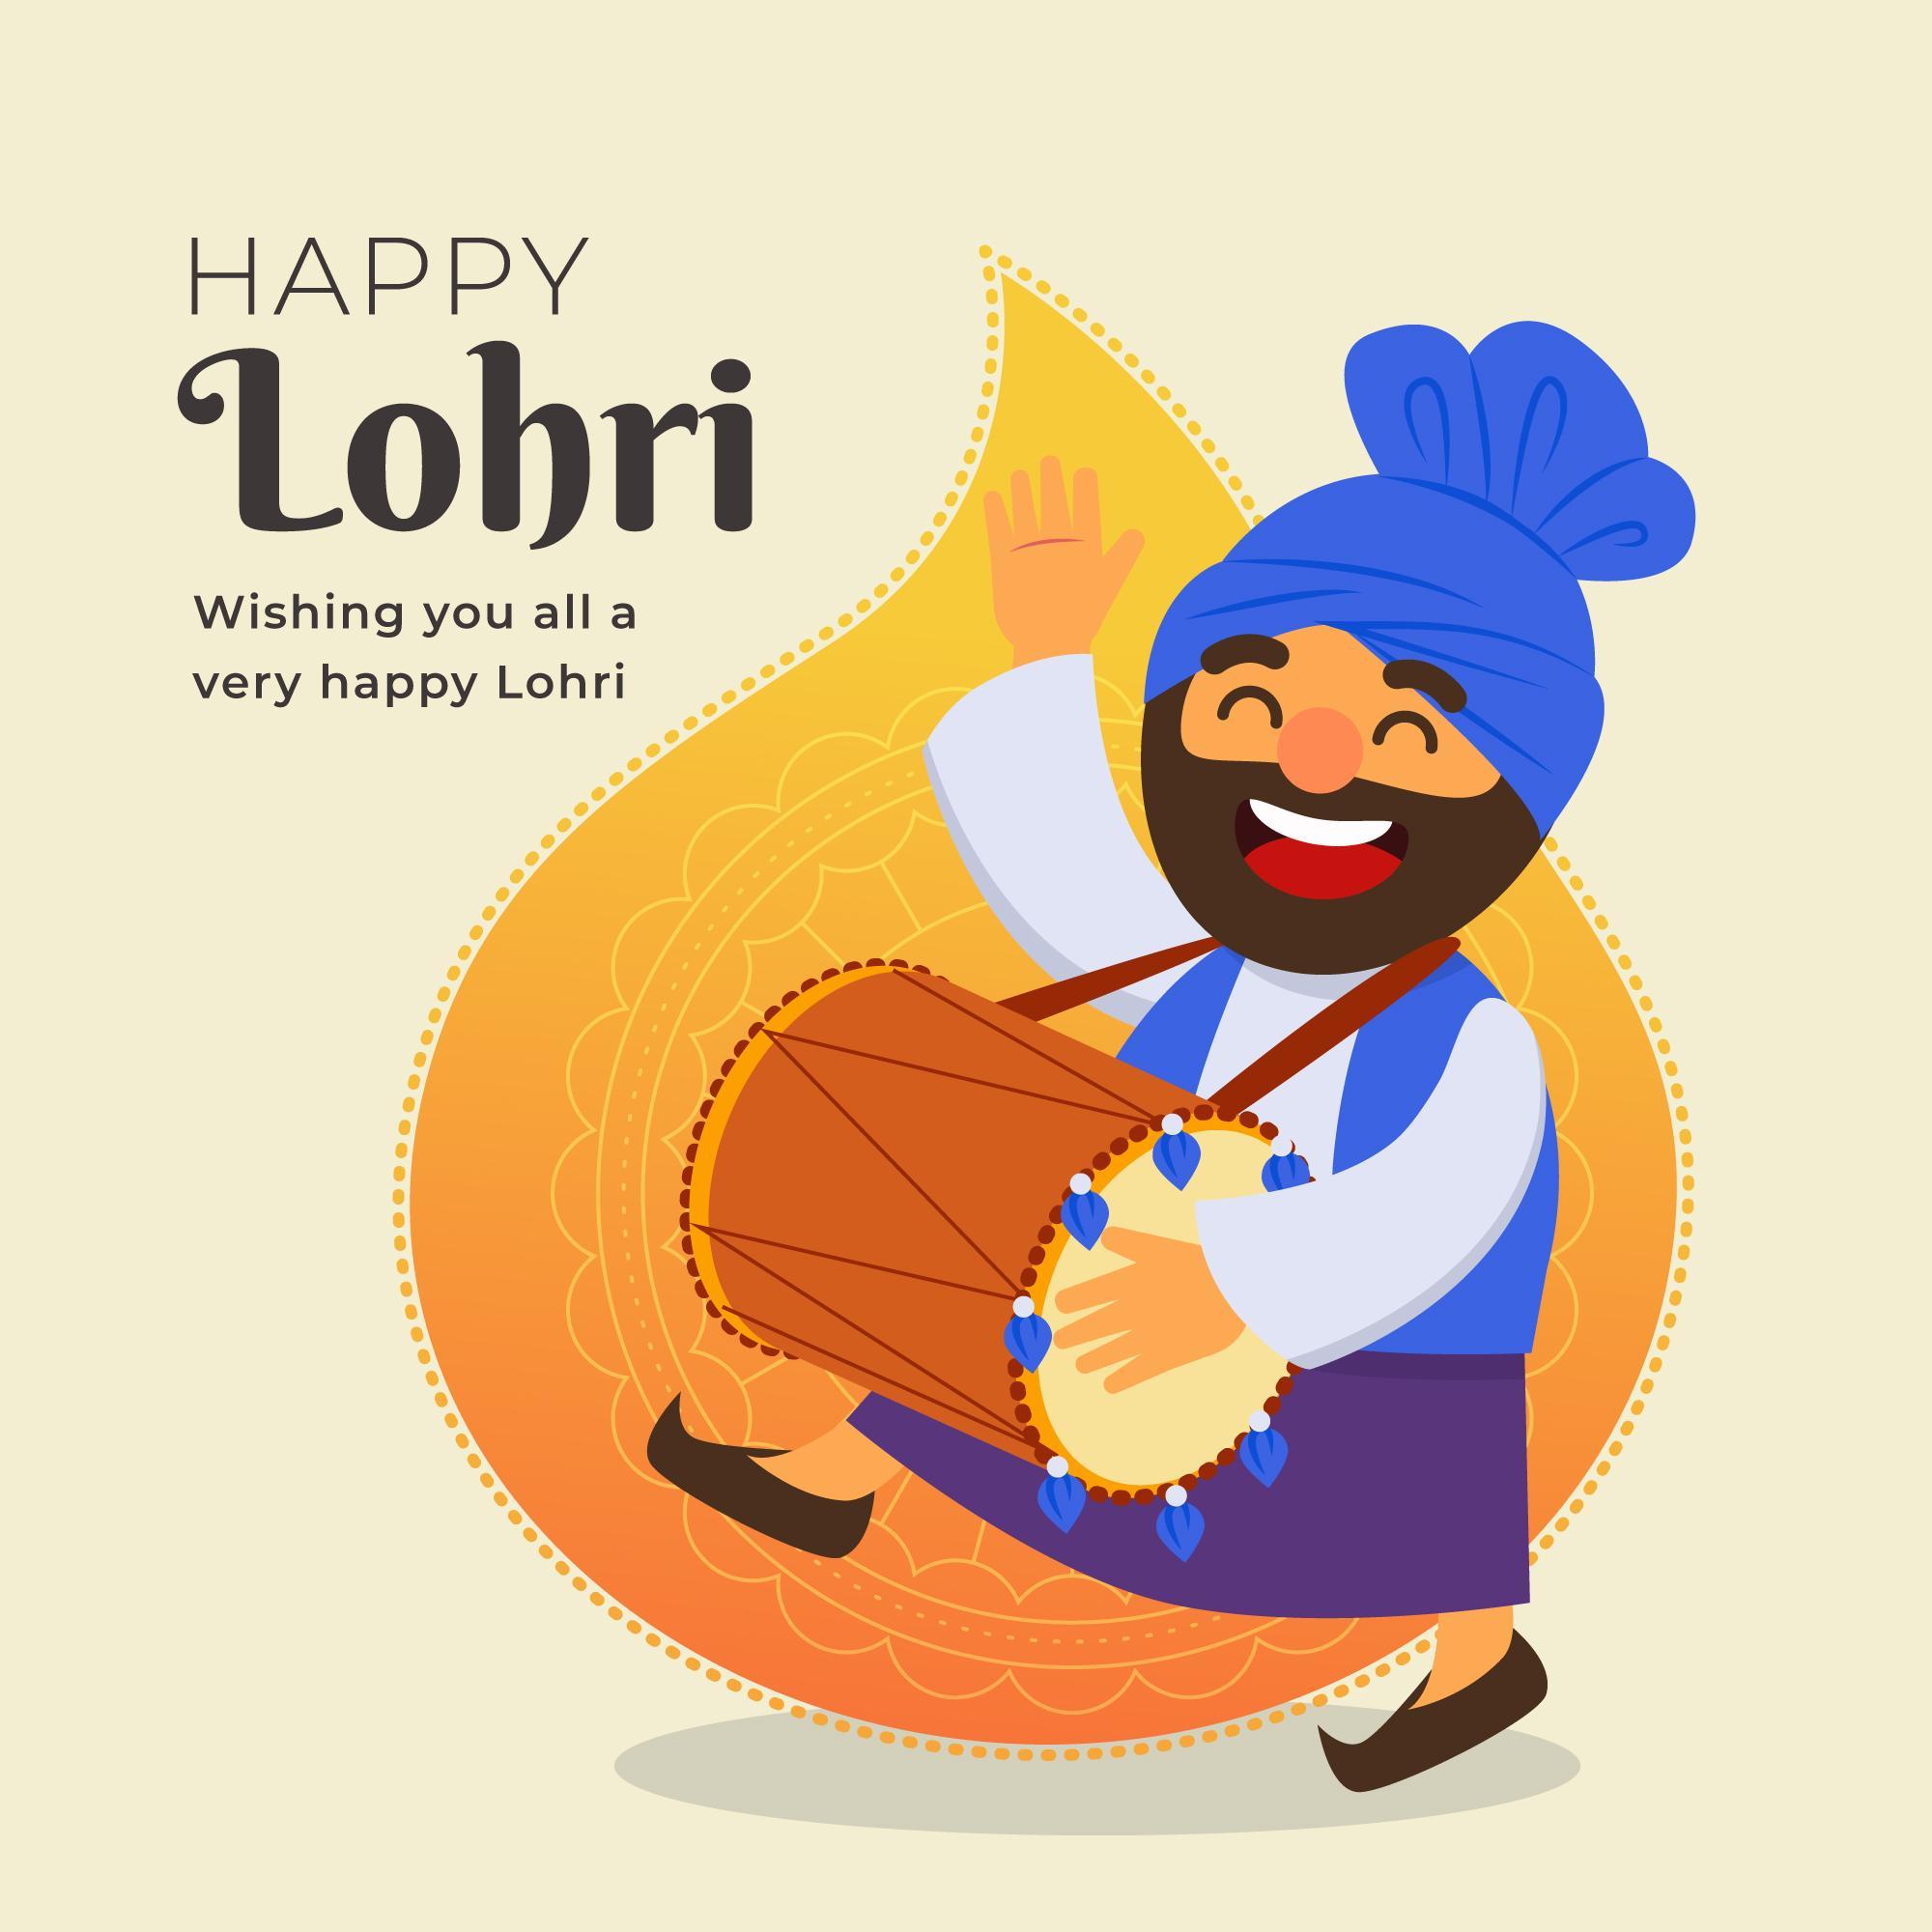 Happy Lohri Celebration Background With panjabi man